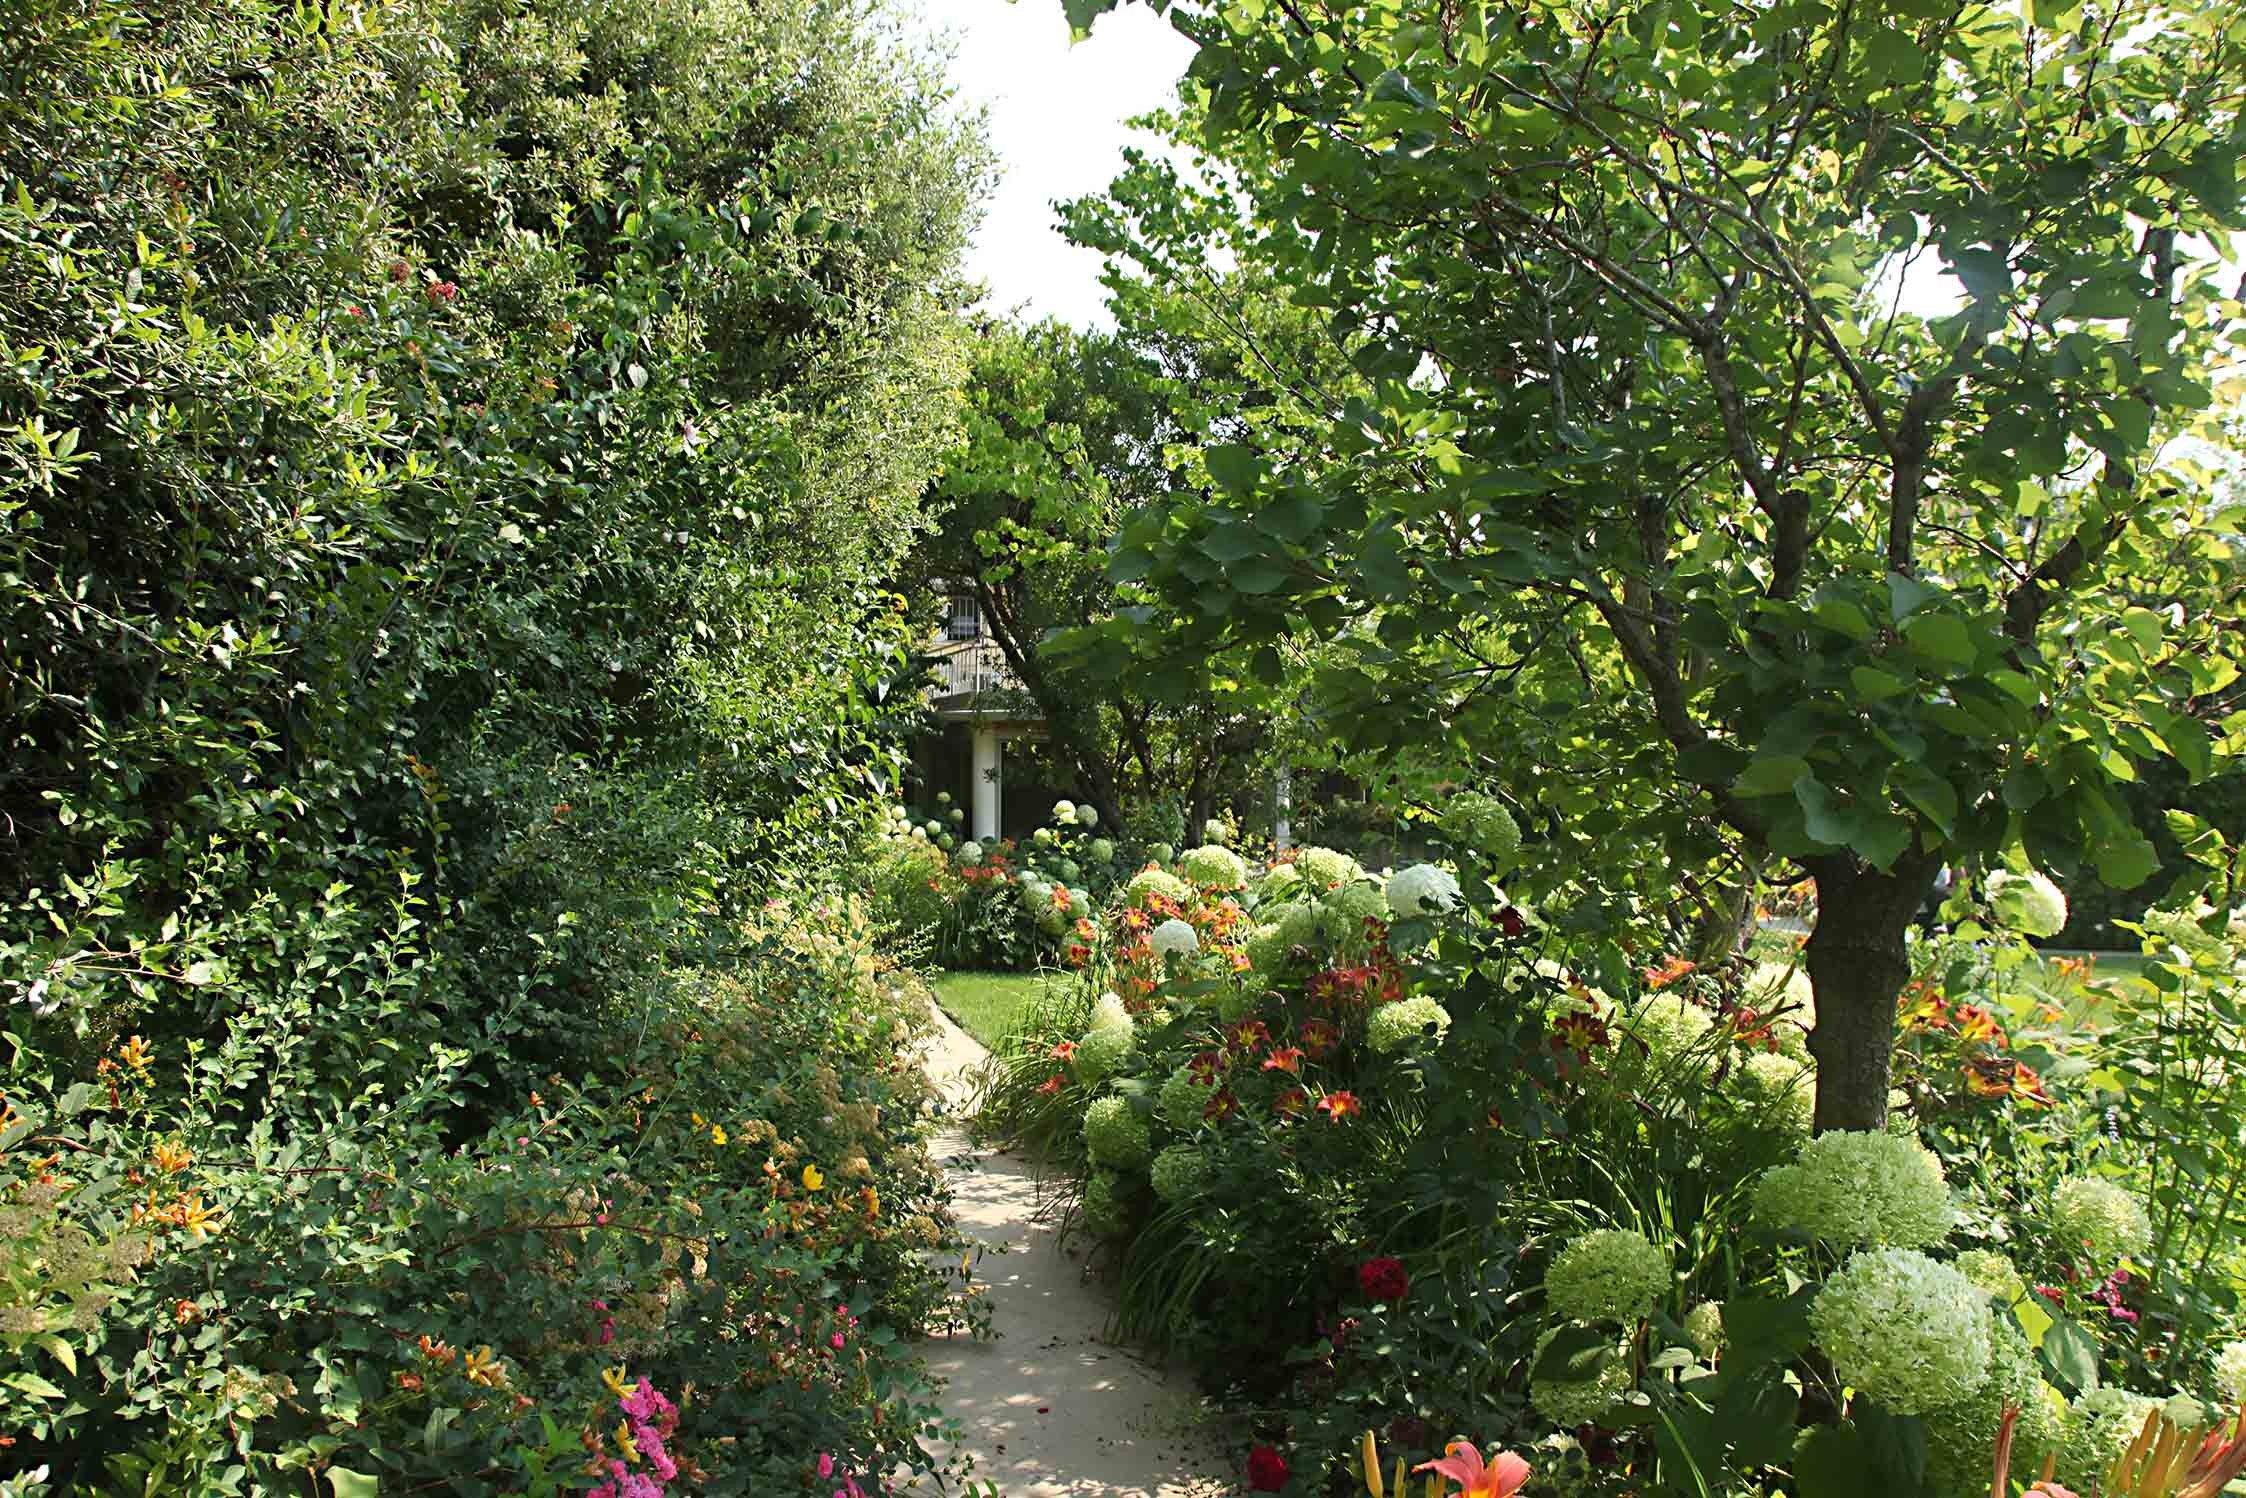 Progettare Un Giardino In Campagna progettare il giardino, come ispirarsi alla natura